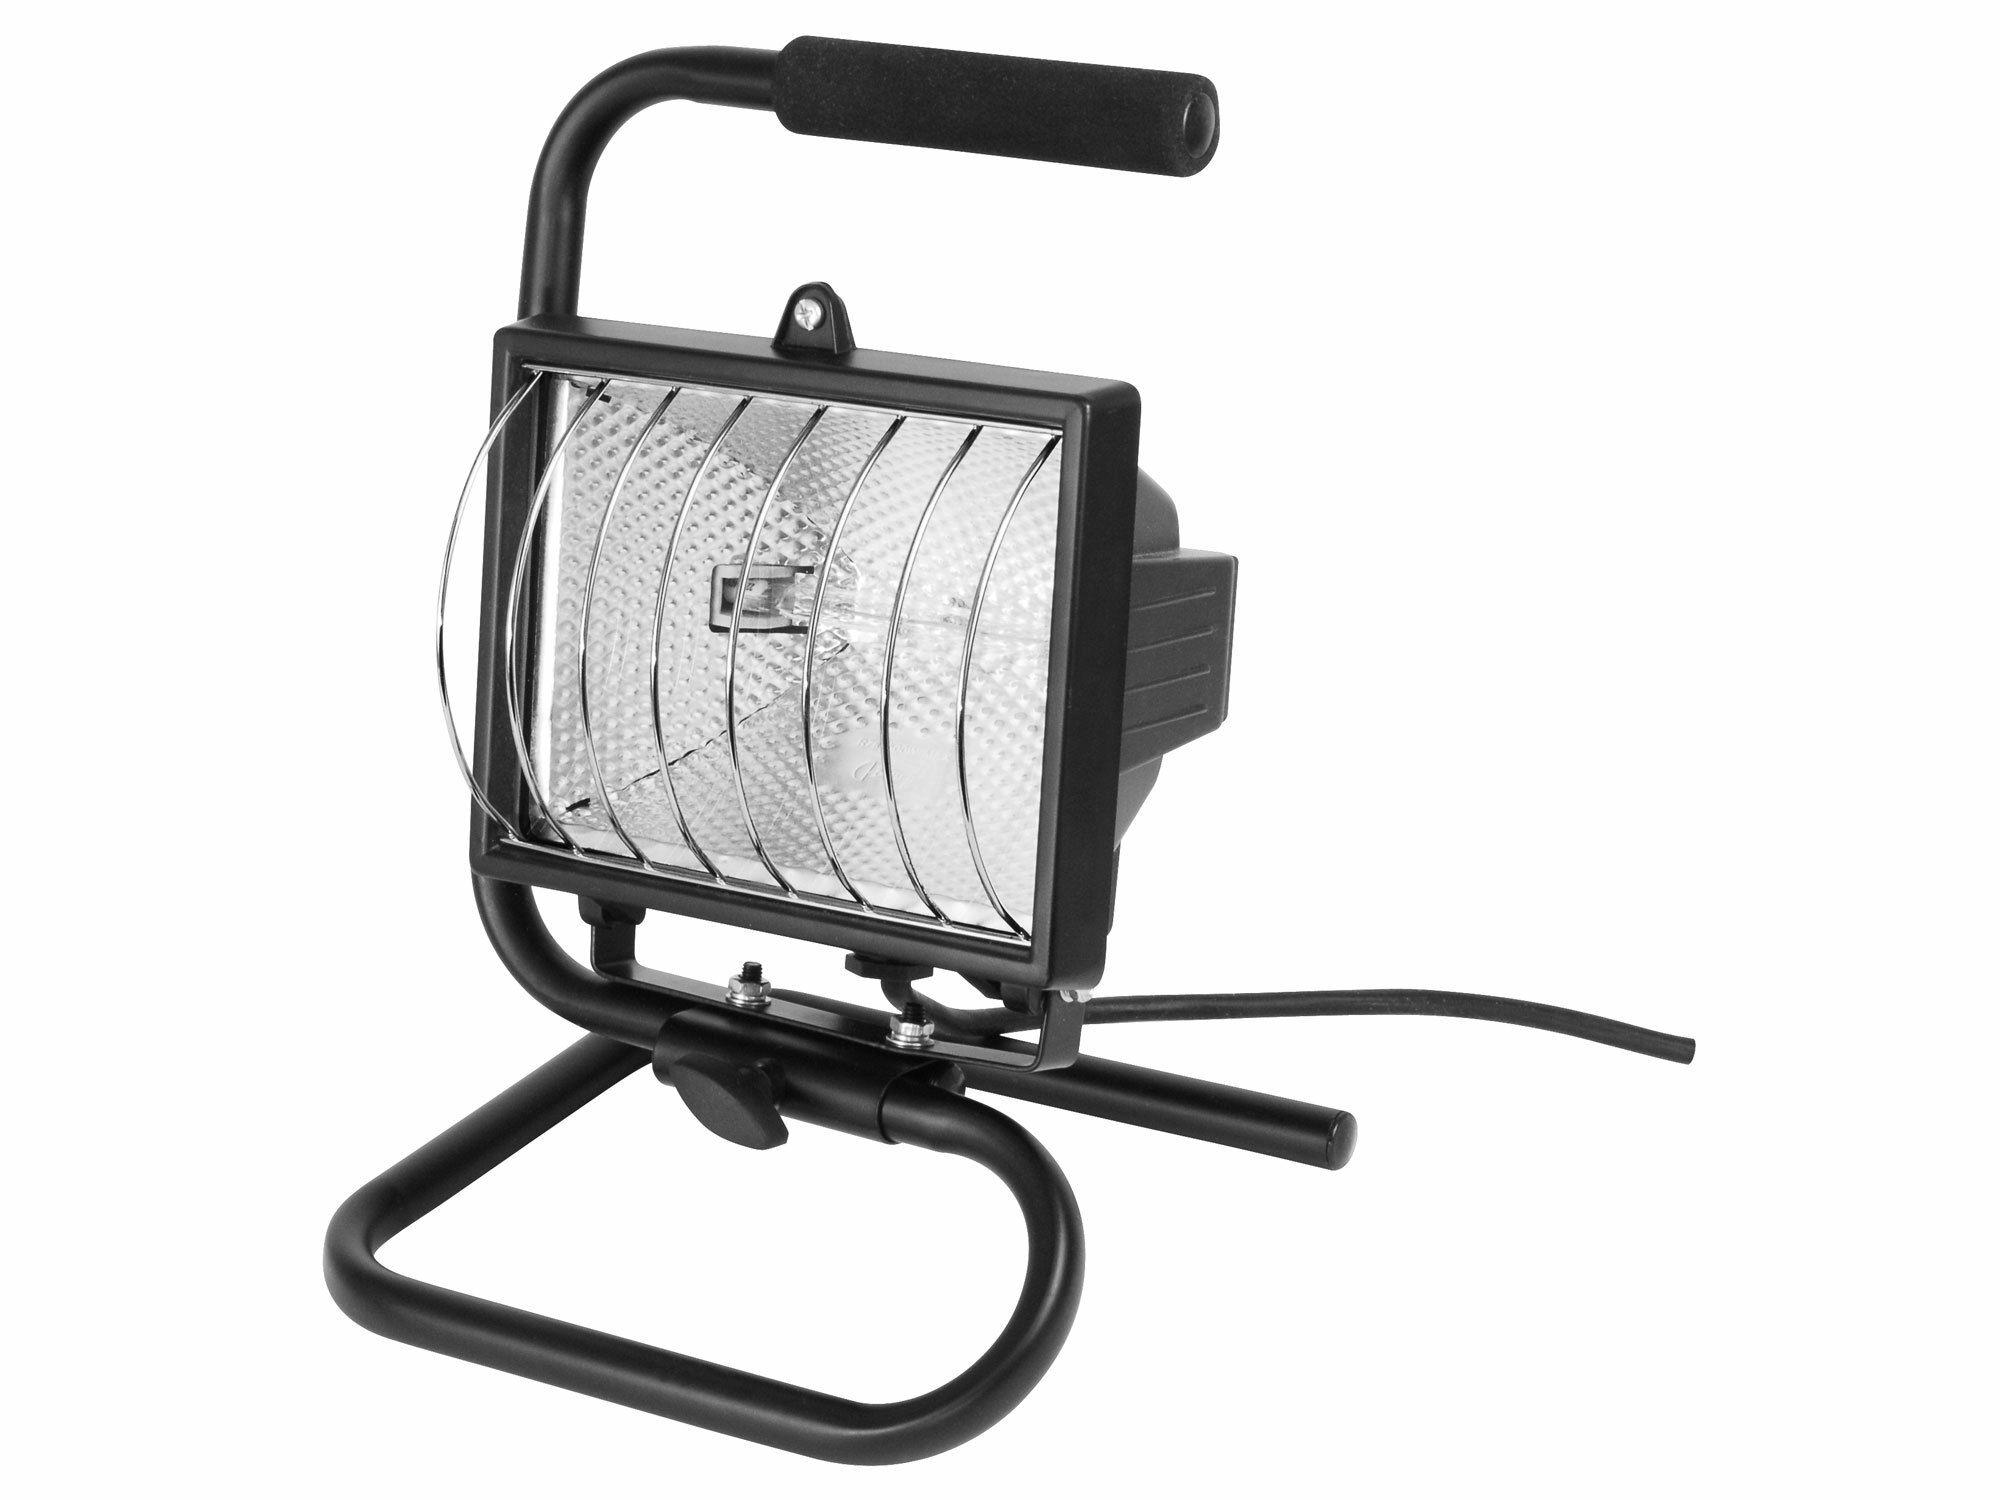 Světlo halogenové přenosné s podstavcem, 150W, kabel 1,7m, EXTOL CRAFT 82788